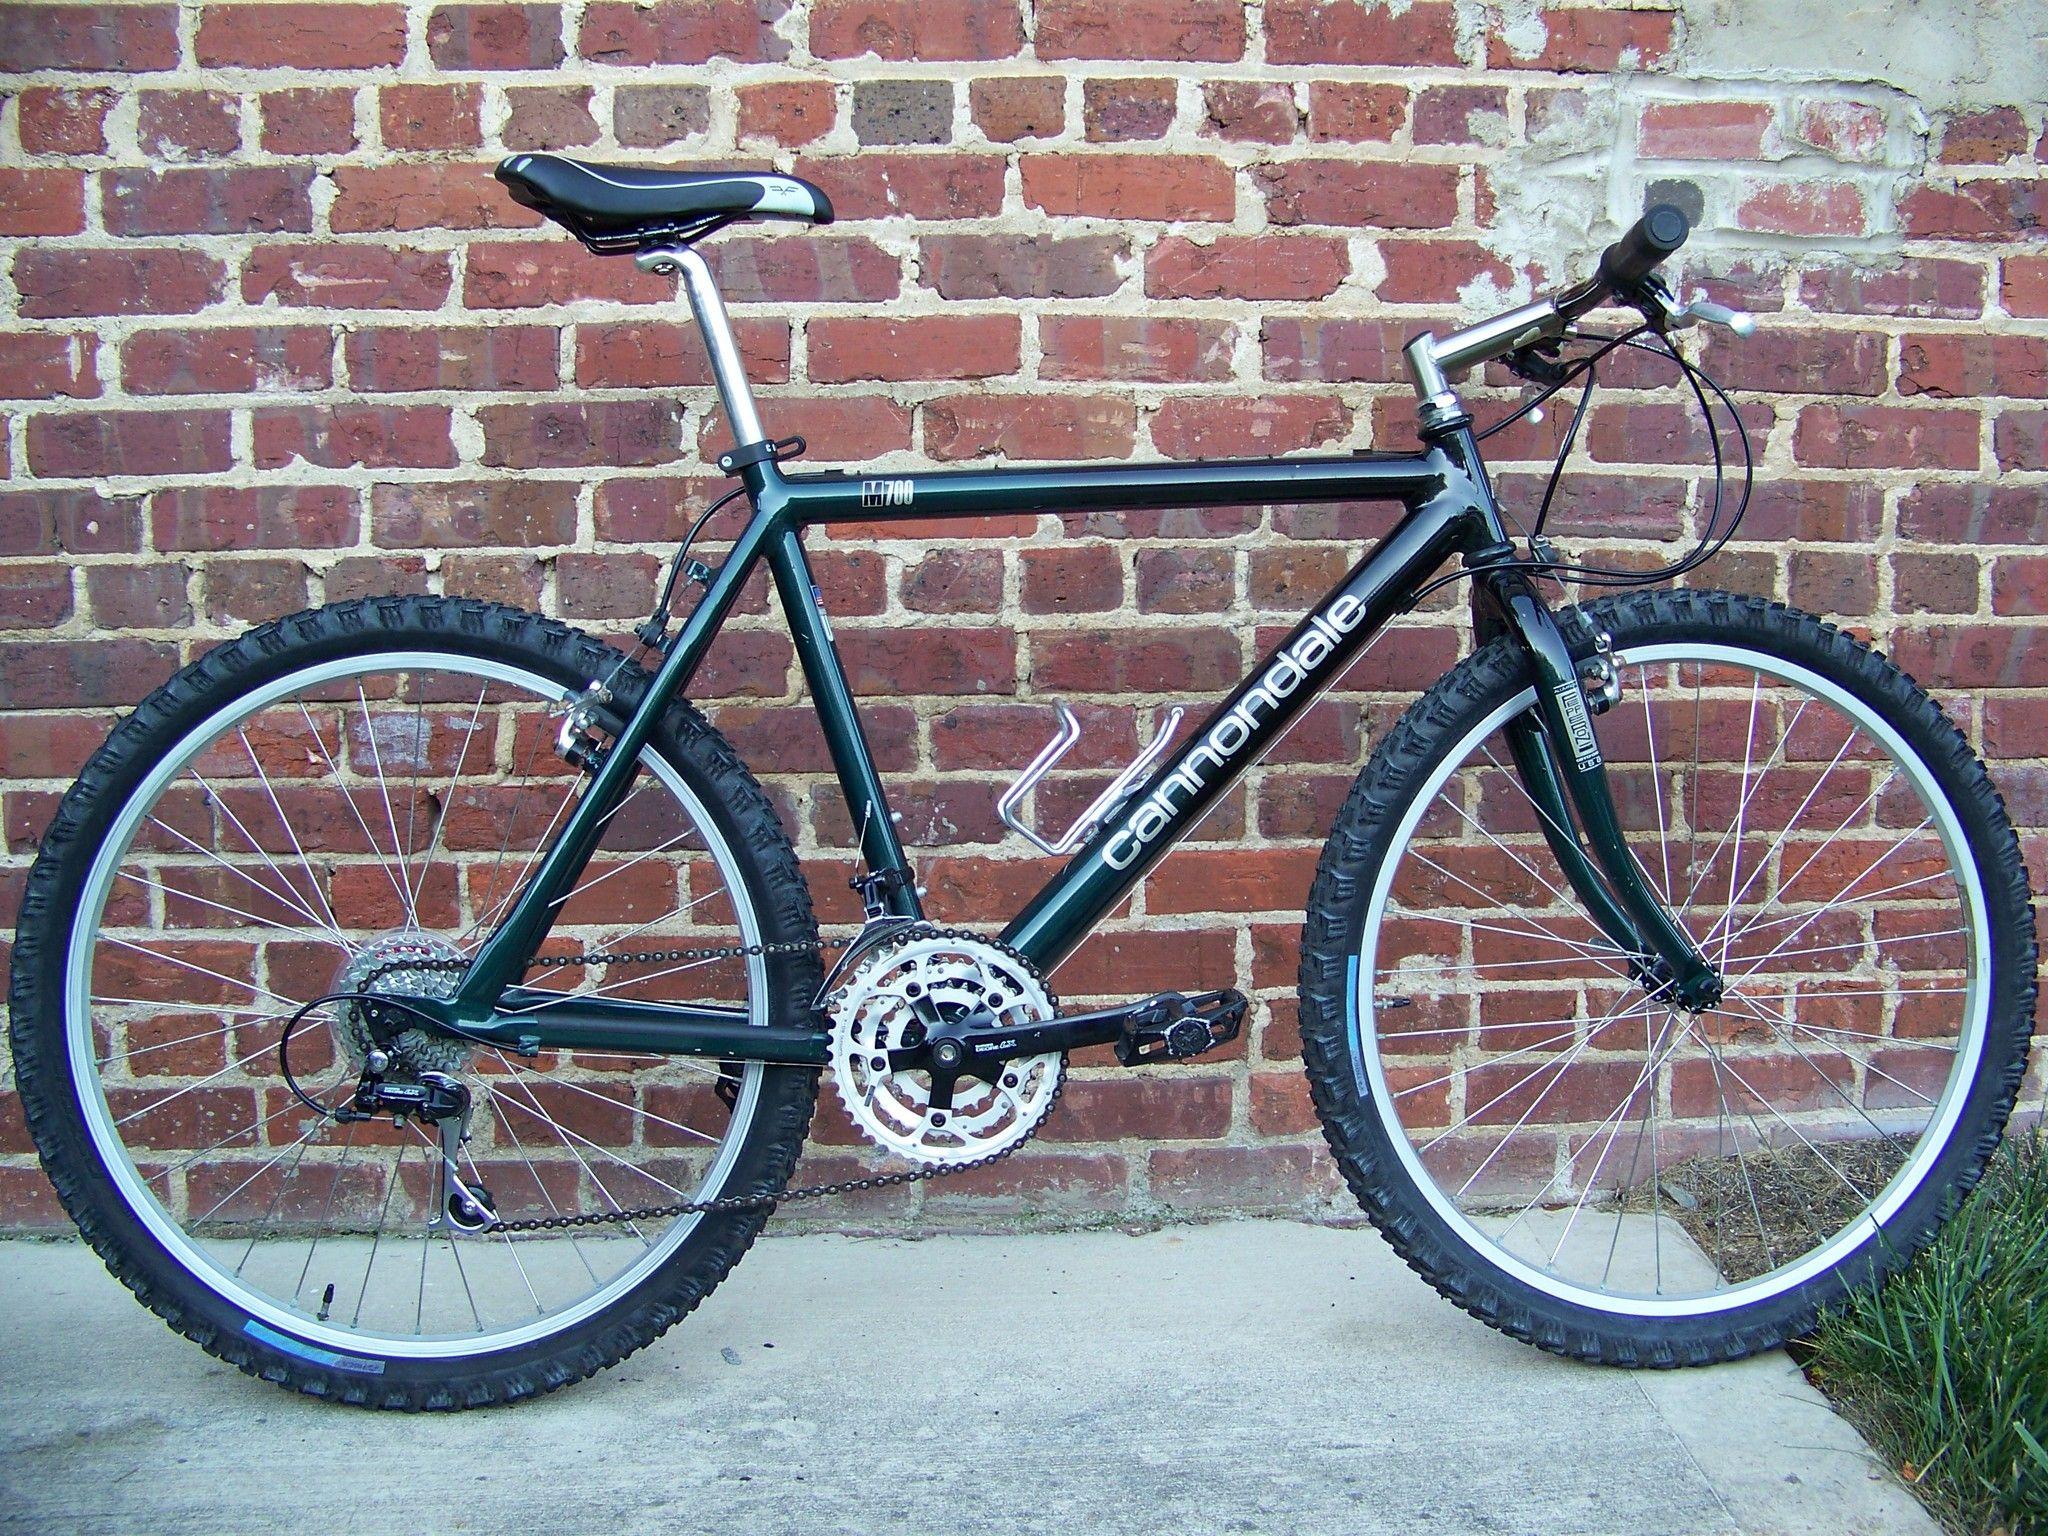 M700 | Cannondale | Cannondale bikes